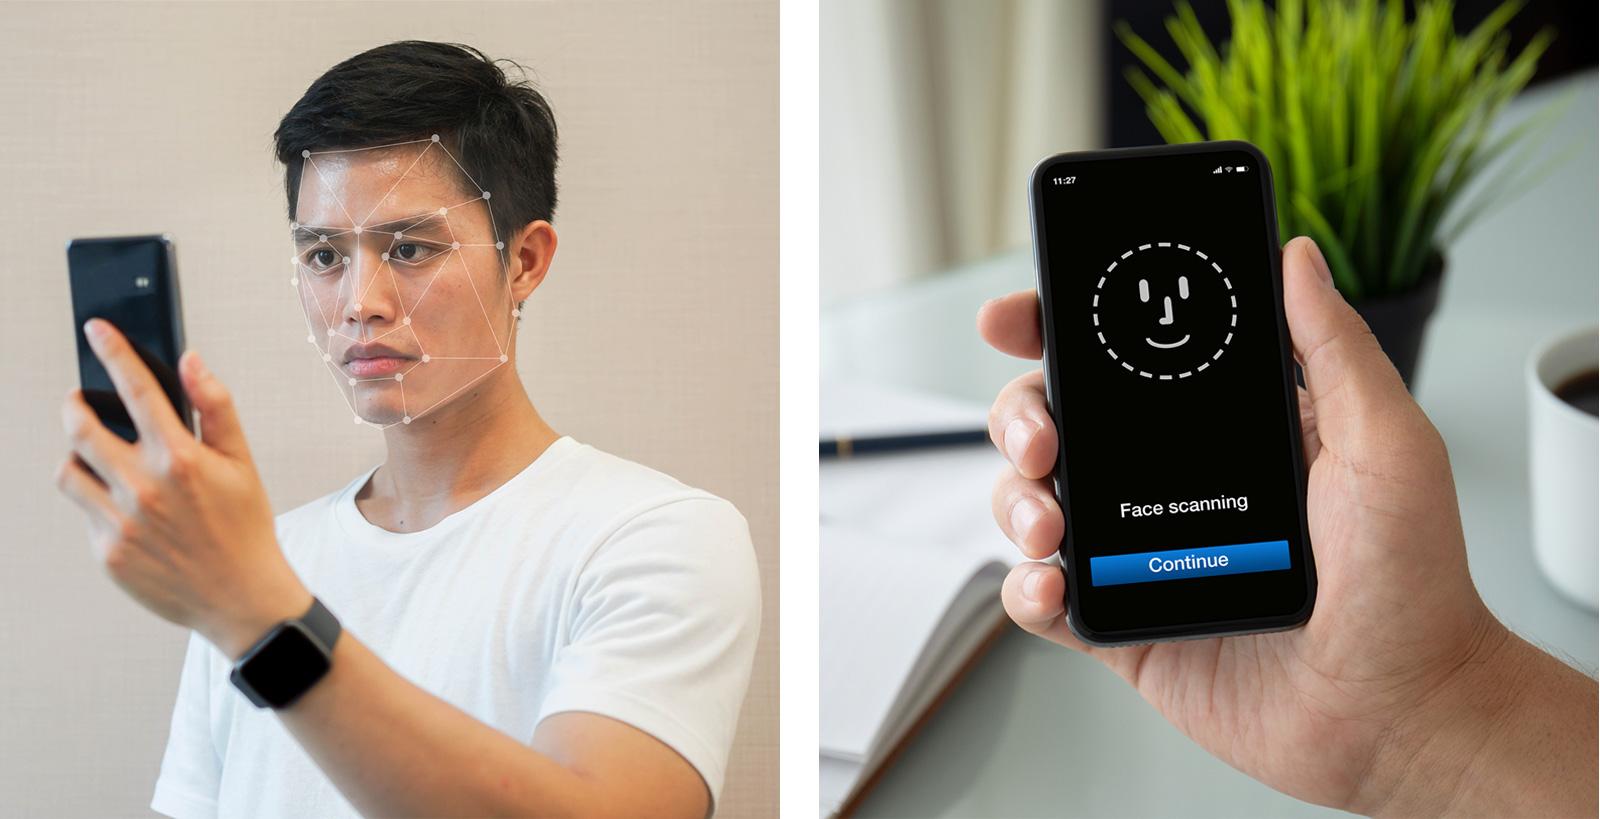 Gesichtserkennung  mit dem Smartphone